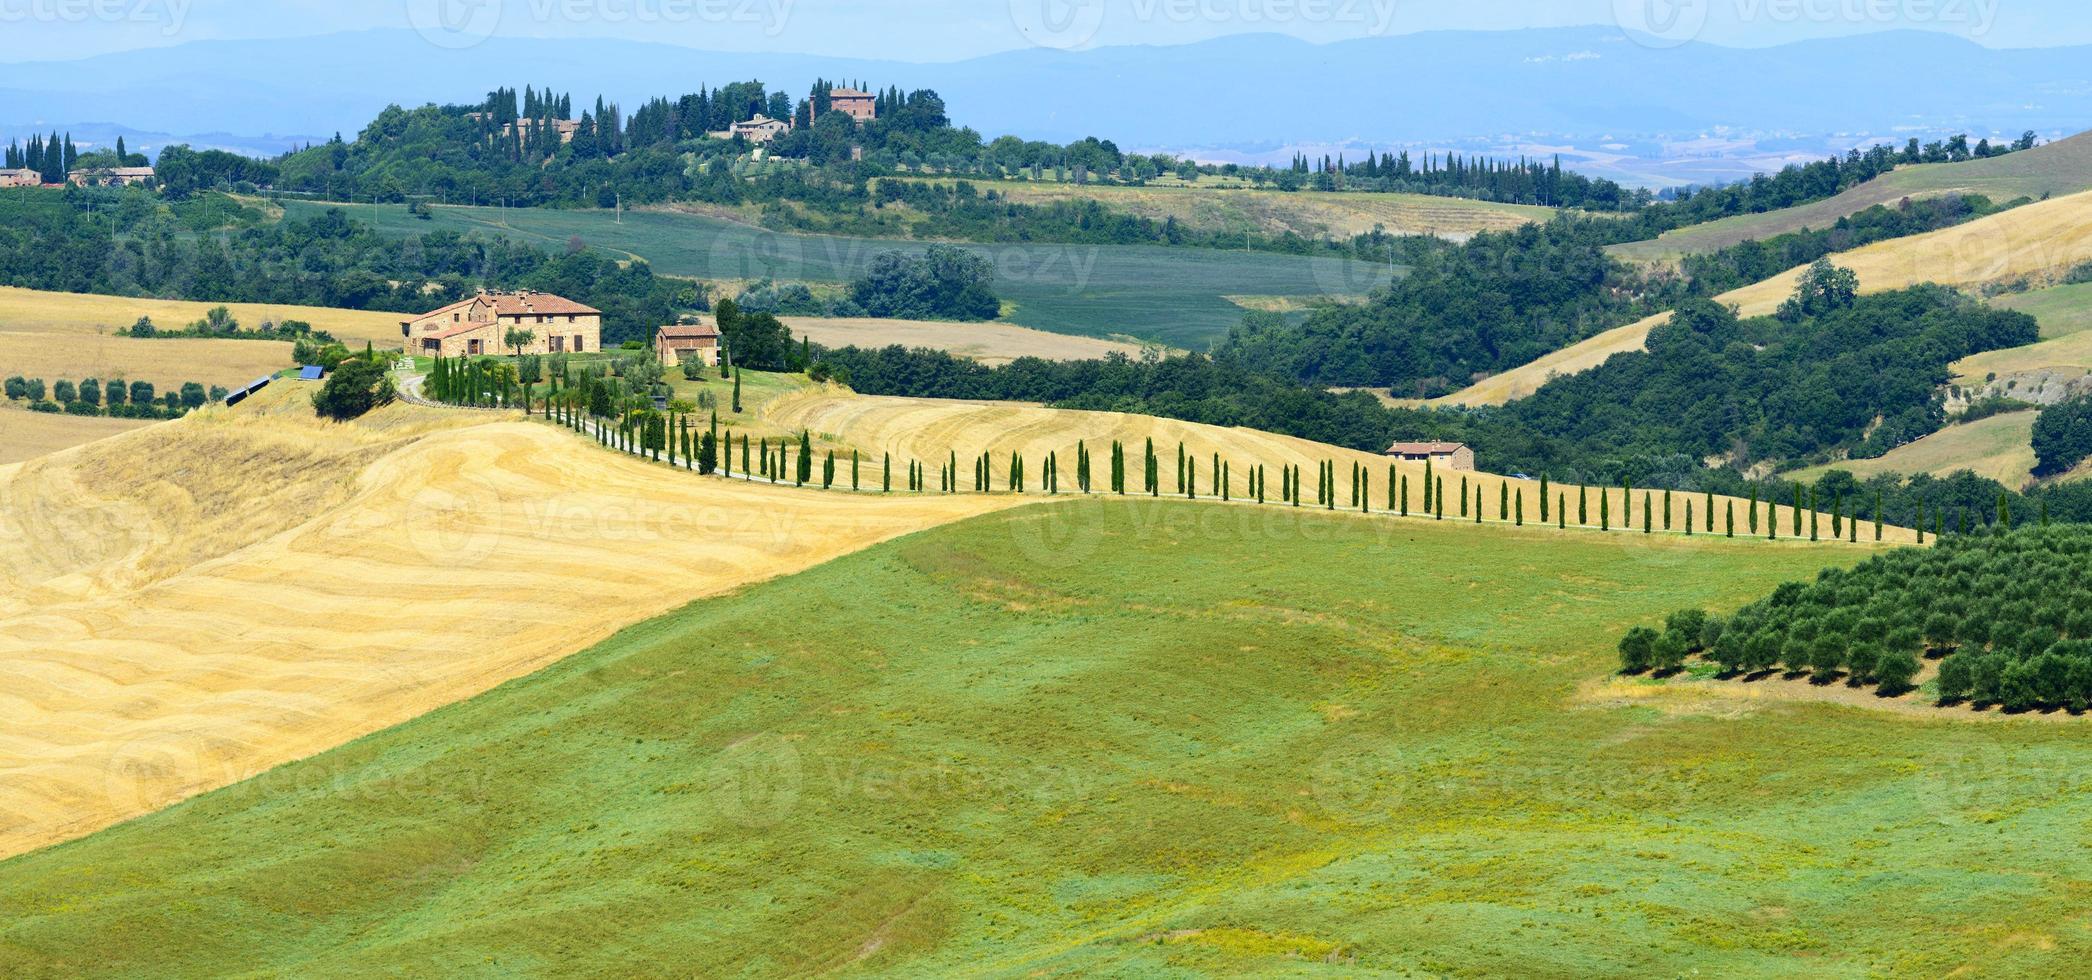 Kreta Senesi (Toskana, Italien) foto